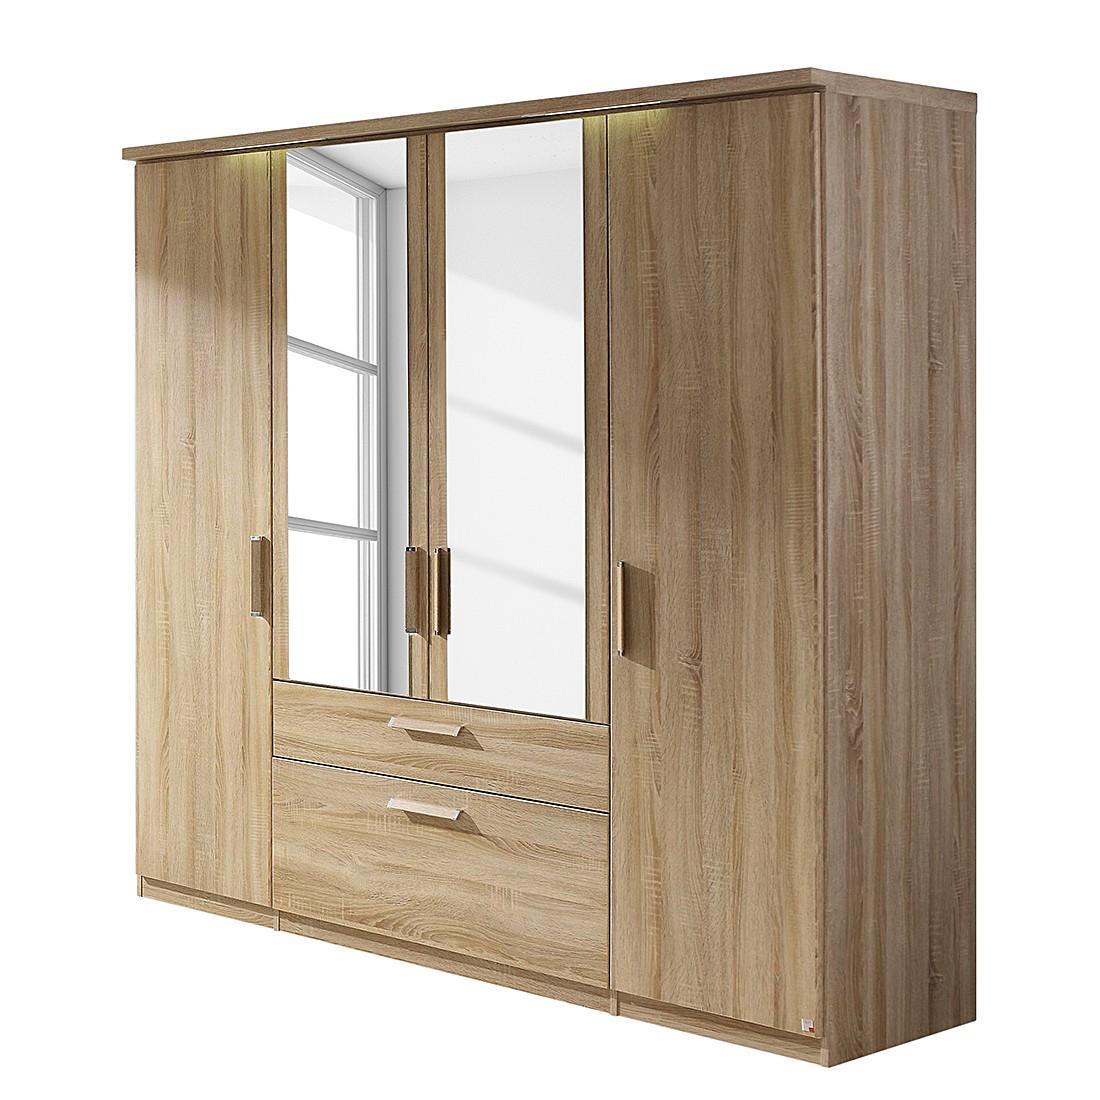 goedkoop energie A+ Draaideurkast Evelyn II Sonoma eikenhouten look Met verlichting 300cm 6 deurs 197cm Met kroonlijst Rauch Dialog